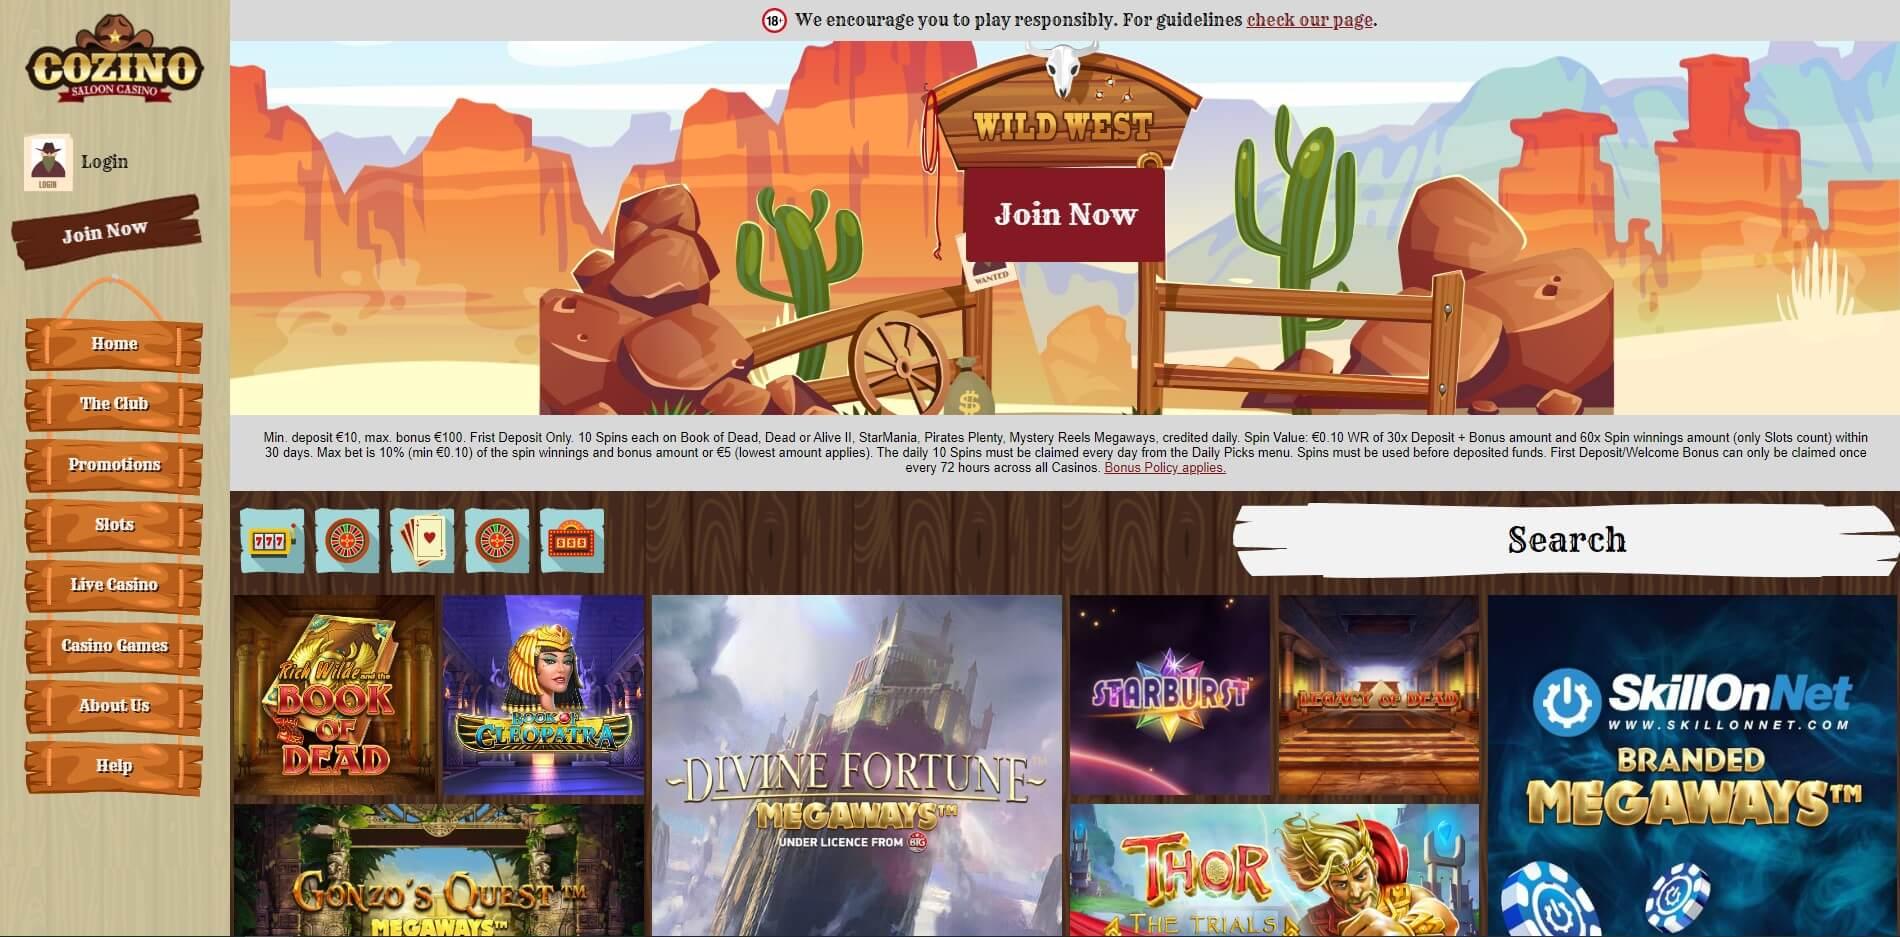 cozino.com - Website Review